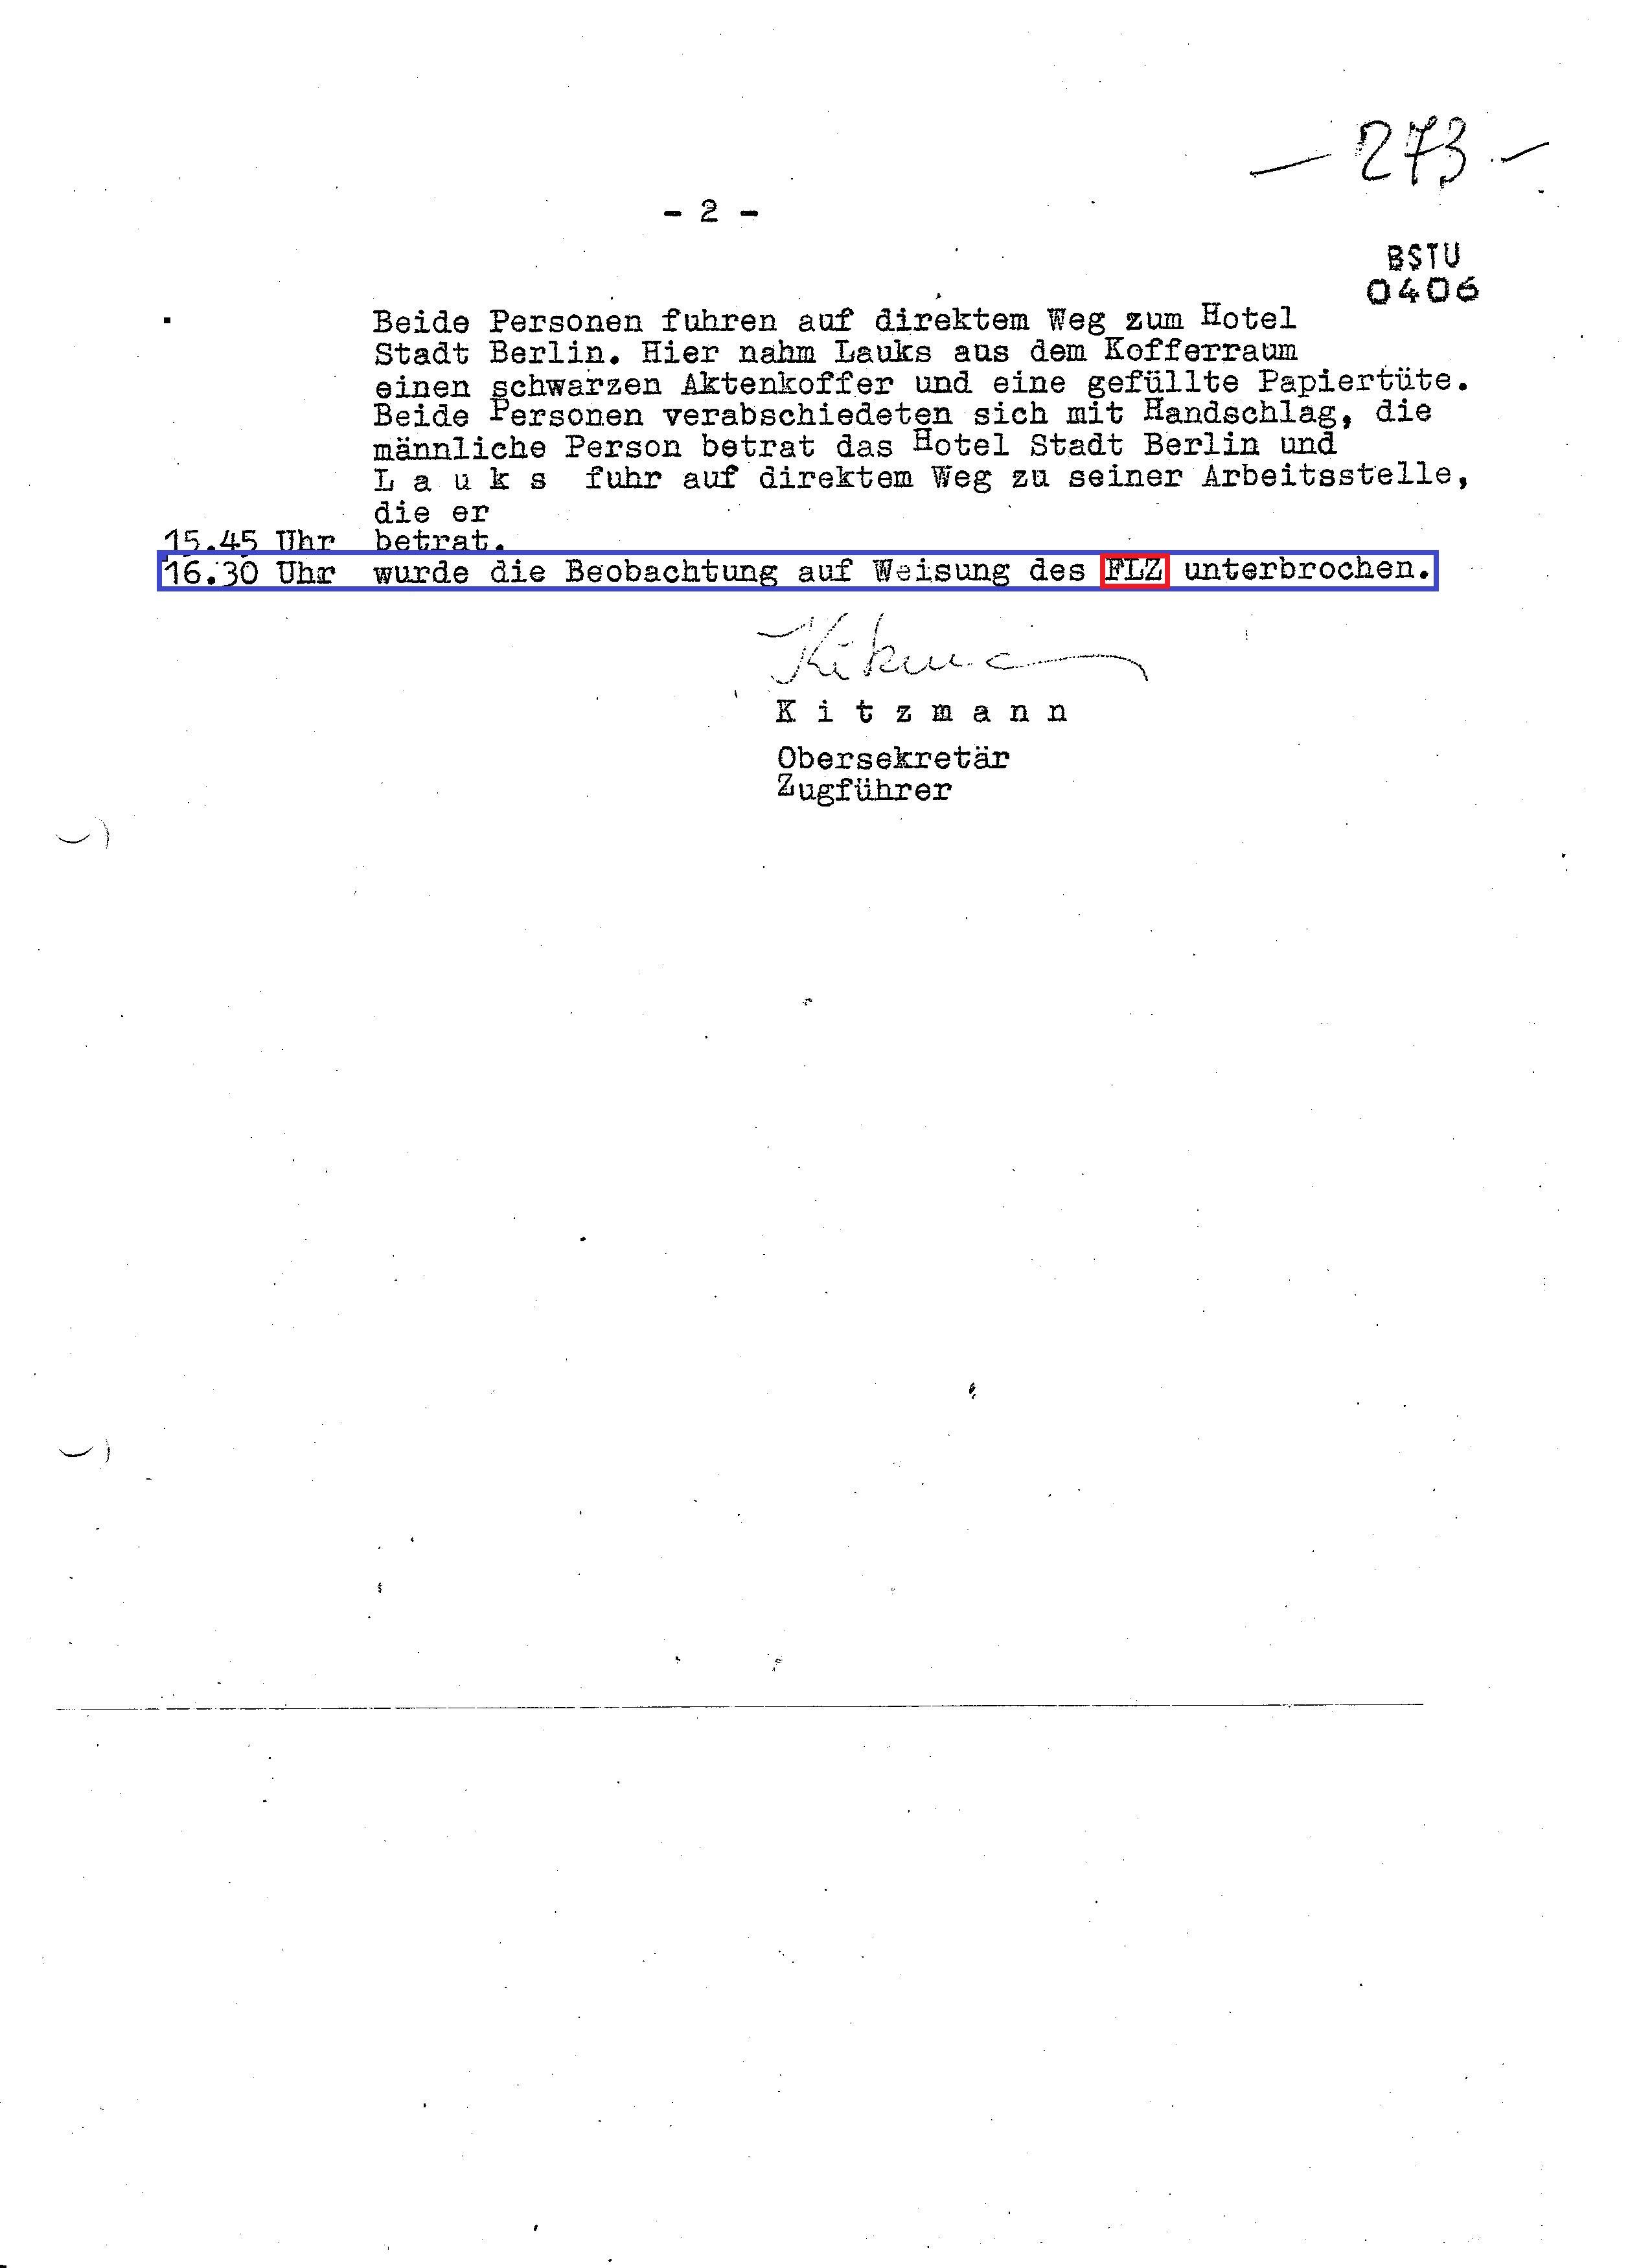 Ausser der Erkenntniss dass FLZ - Funkleitzentrale die Beobachtung gesteuert hatte ist hier kaum was zu Beobachten gewesen.